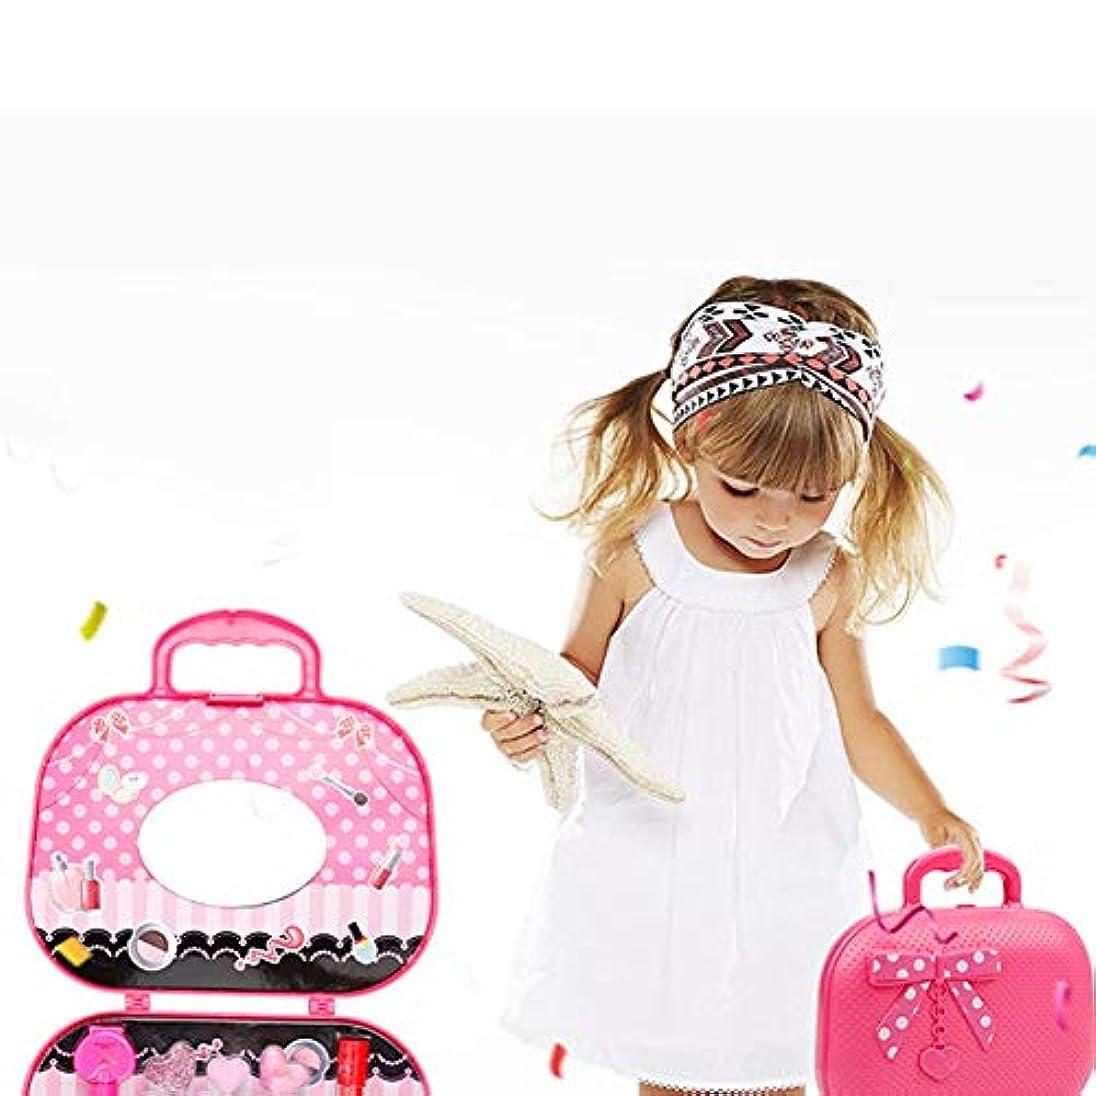 ソブリケットフェッチガラガラかわいいプリンセスふりメイクセットキッズガールズシミュレーション口紅子供のおもちゃ - ピンク